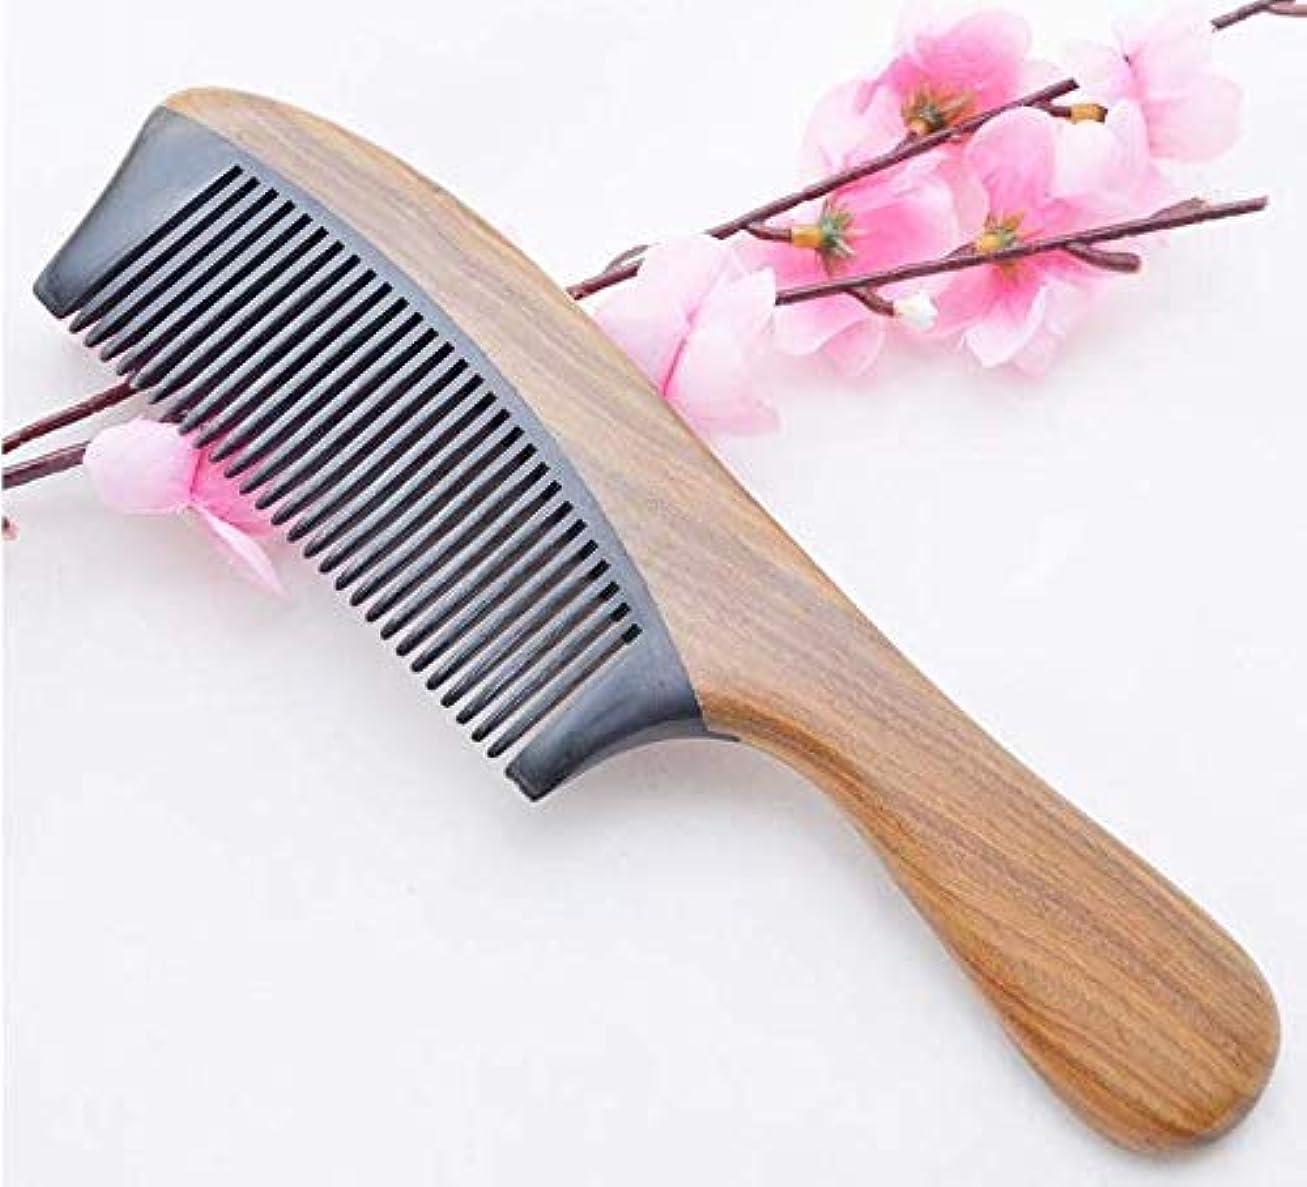 流照らす部分的にNatural Green Sandalwood Ox Horn Wood Anti Static Hair Beard Comb Care Handle高級櫛木製 ヘアブラシ 静電気防止櫛 100% 天然くし頭皮&肩&...